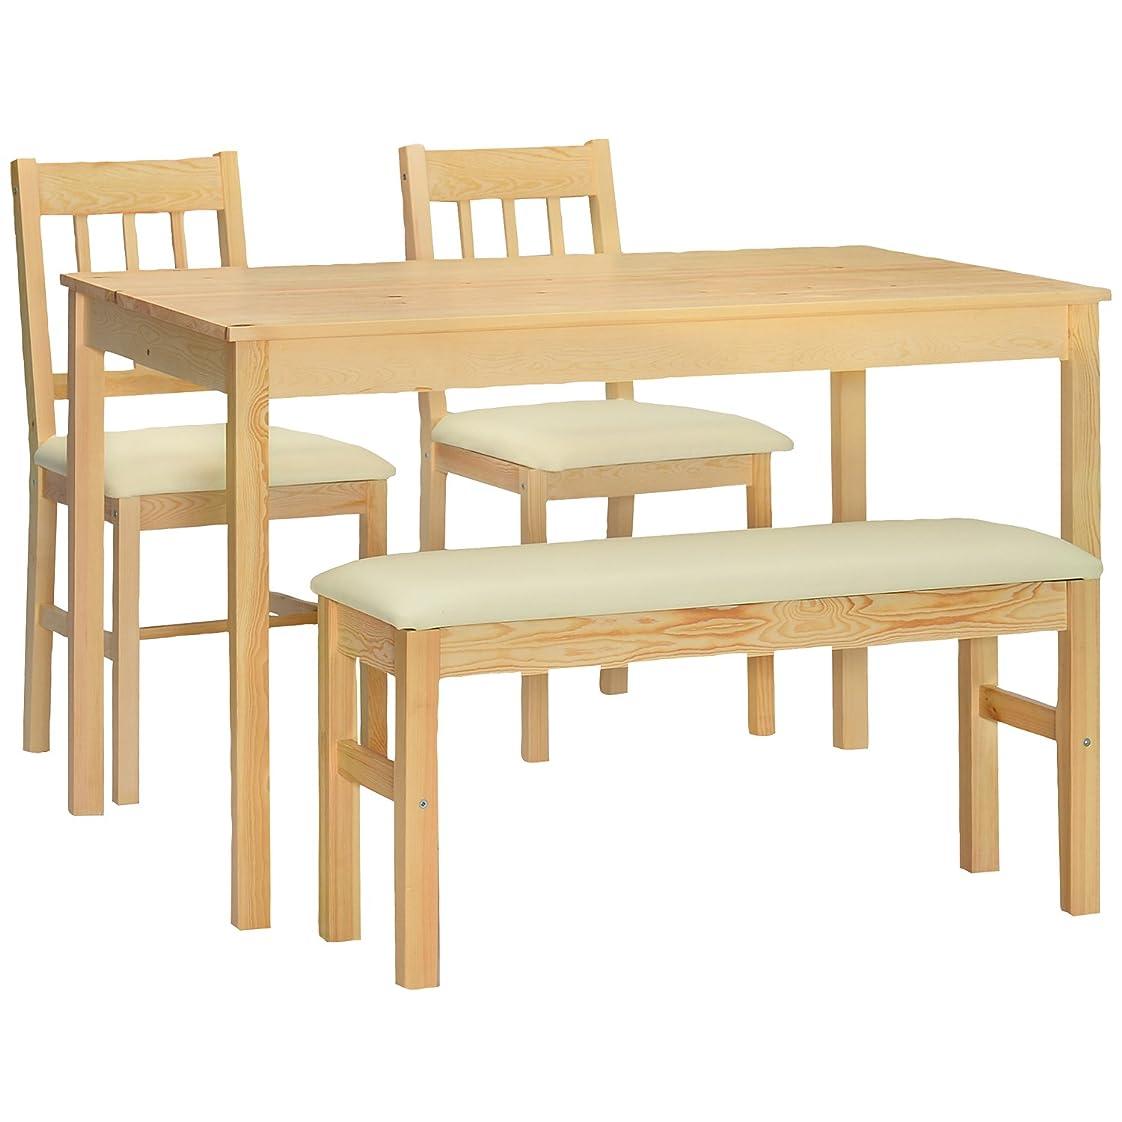 対処する透けて見えるギャングタマリビング(Tamaliving) ハイサイ ダイニング4点セット (アイボリー) テーブル×1台?イス×2脚?ベンチ1台 [北欧テイスト家具/木製/ナチュラル/4人用] 50001566